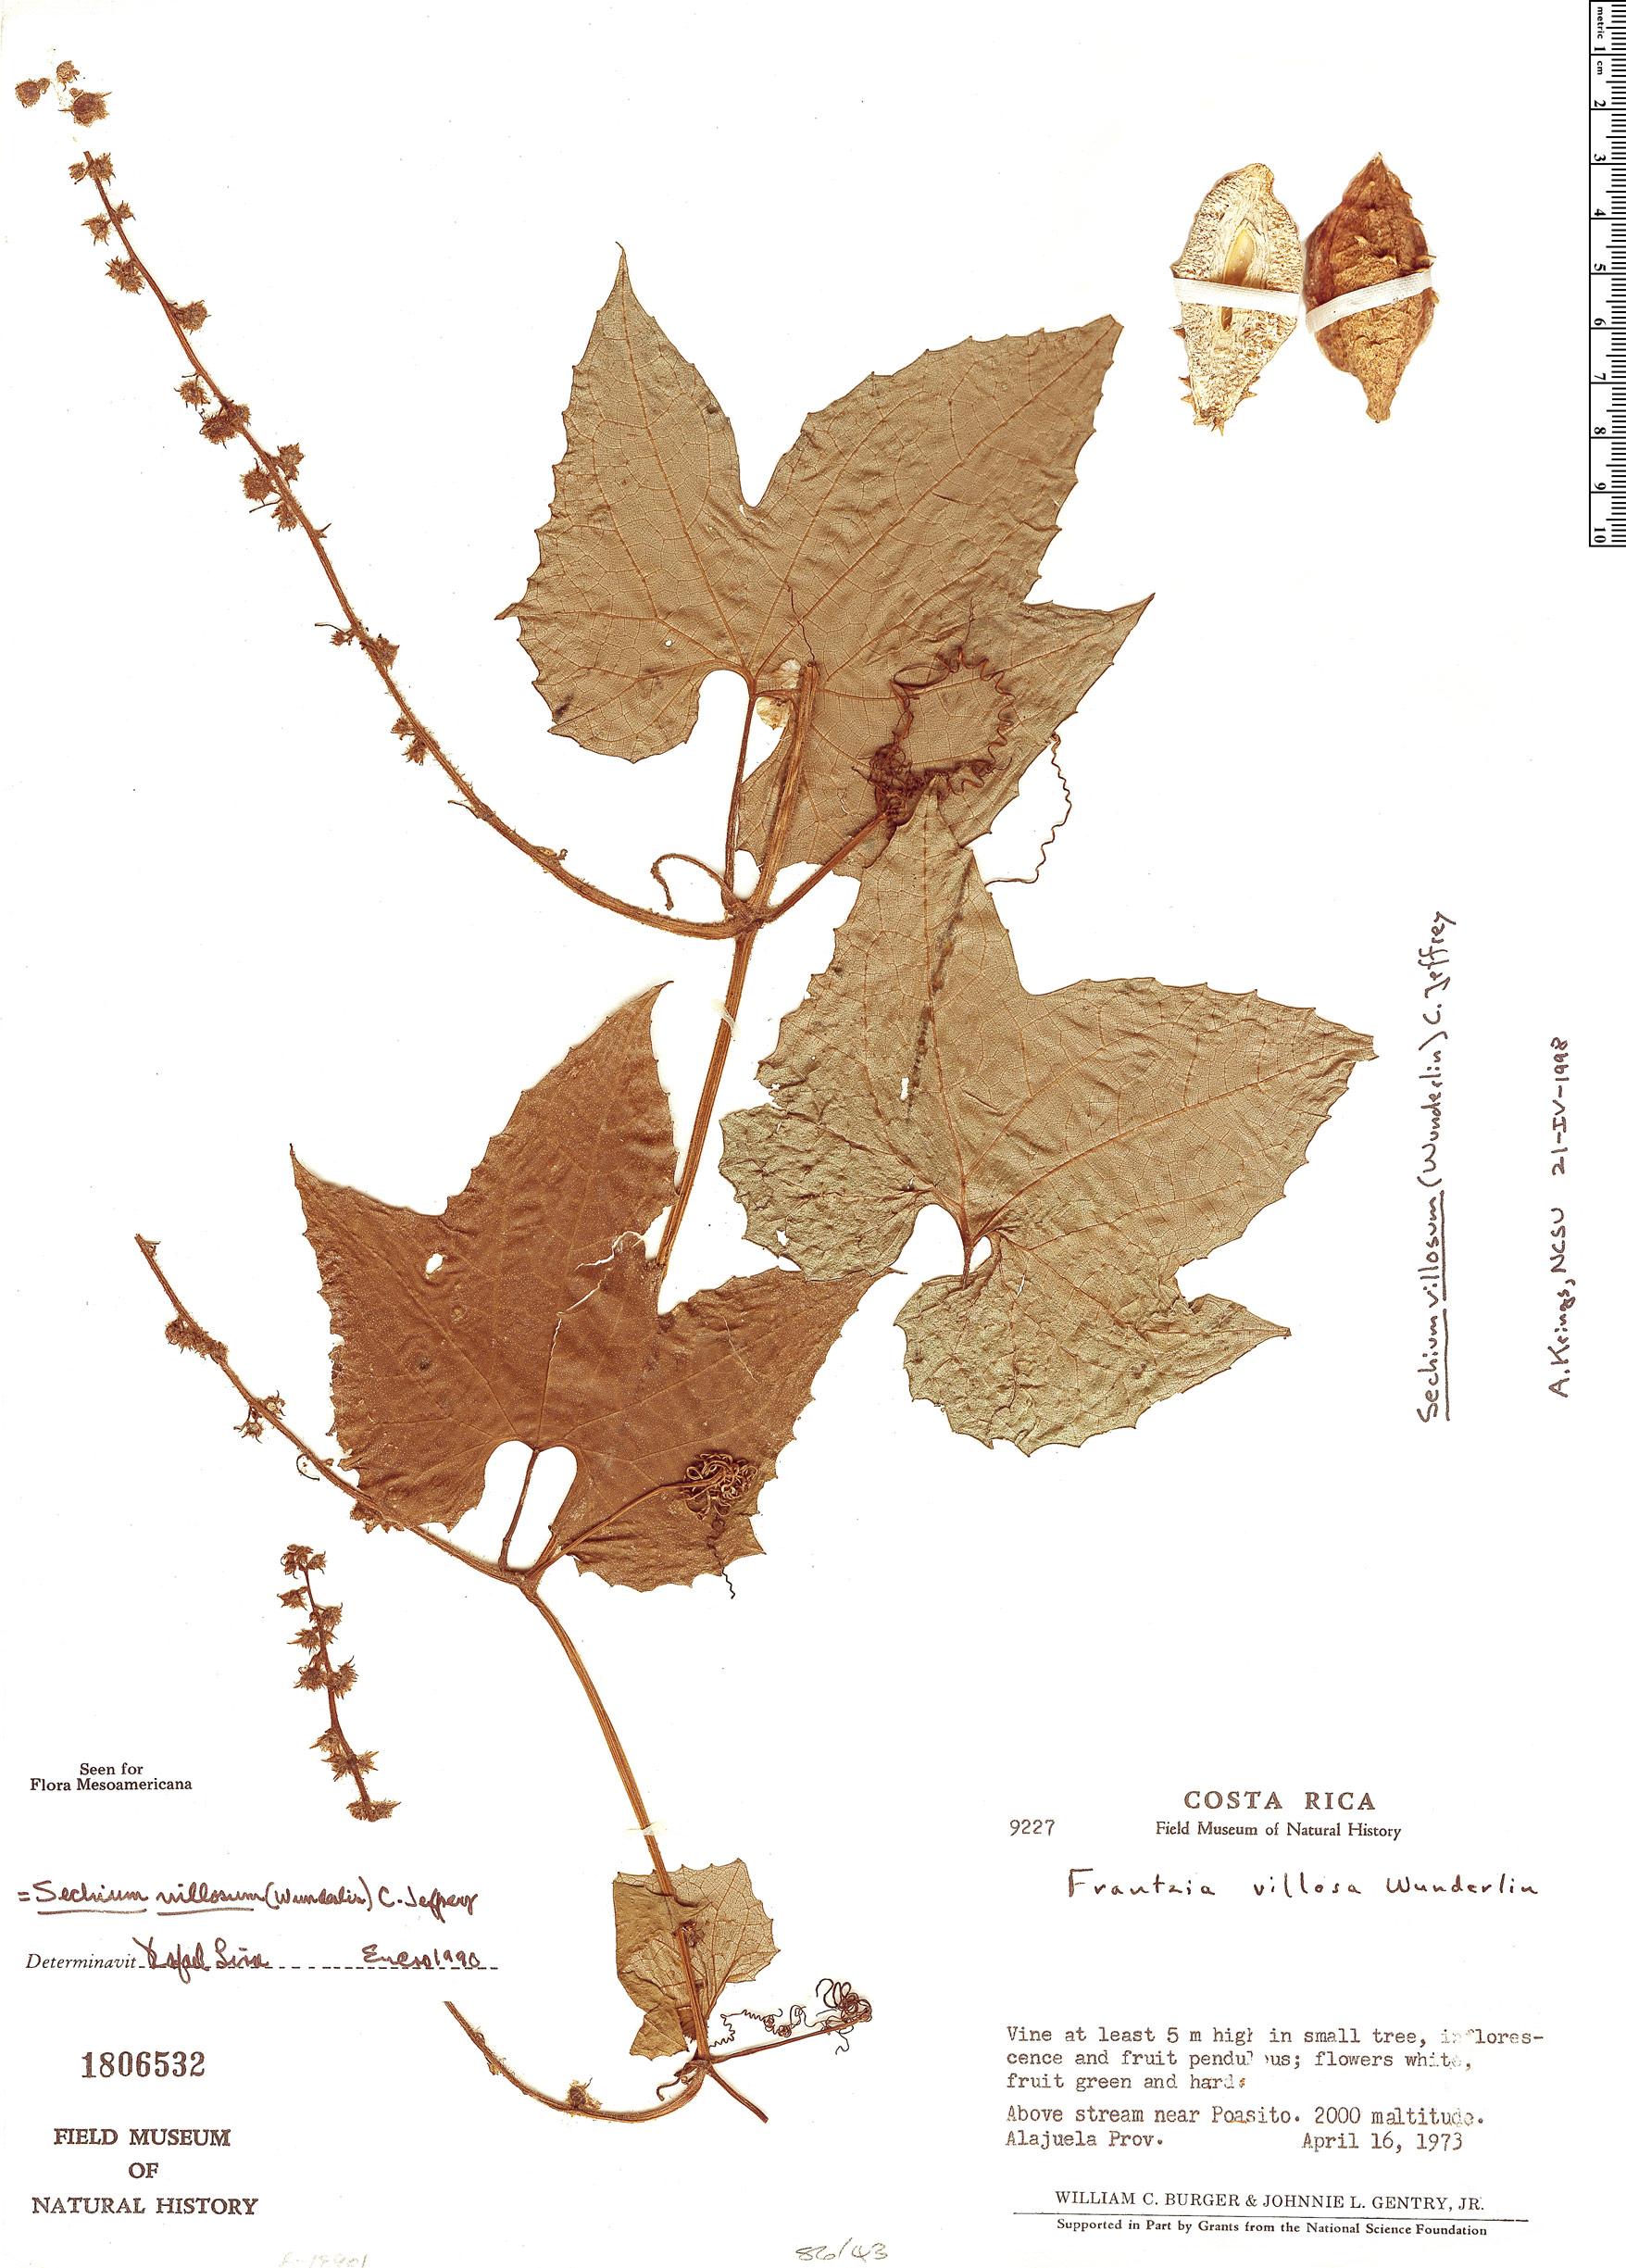 Specimen: Sechium villosum